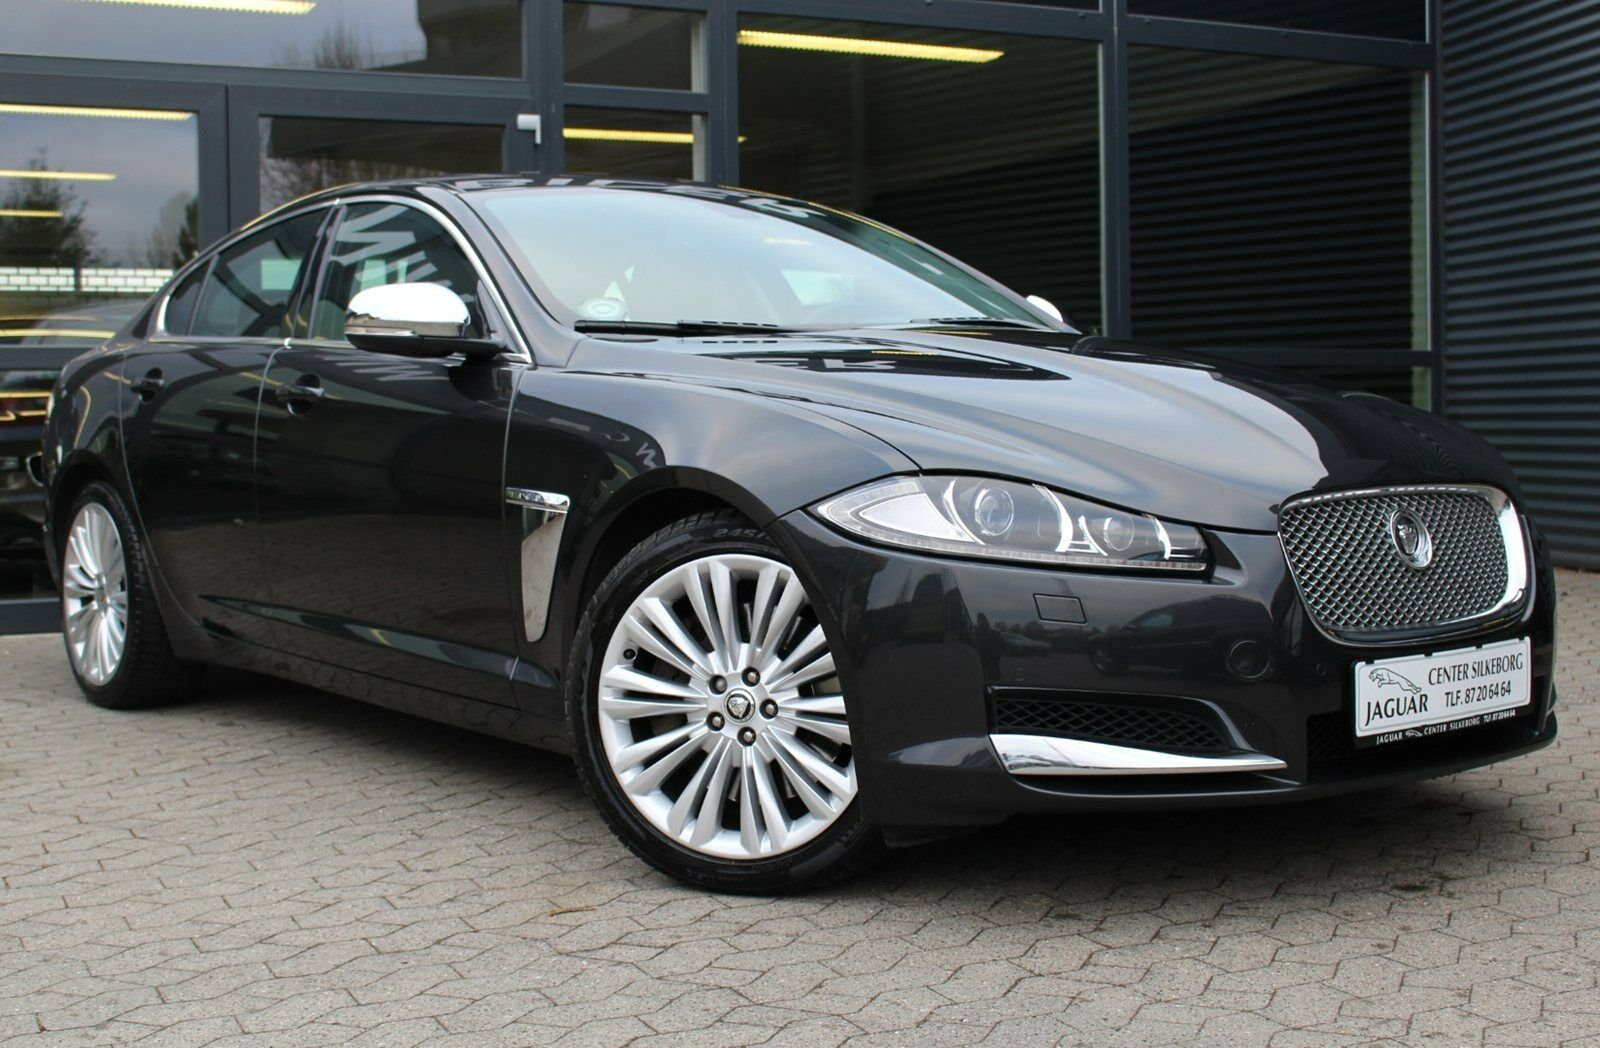 Jaguar XF 3,0 D V6 S Premium Luxury aut. 4d - 339.900 kr.